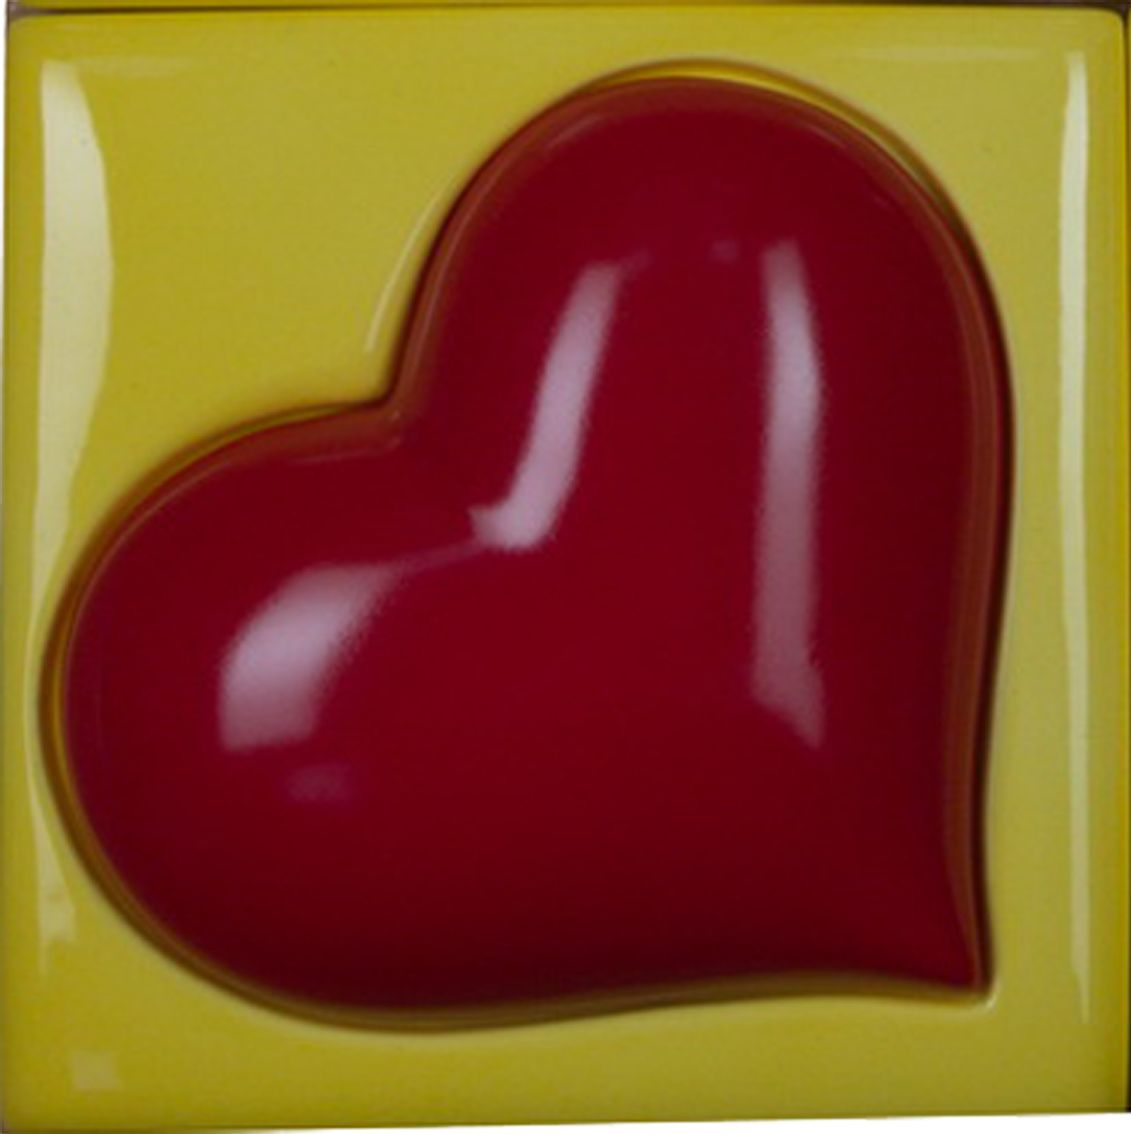 Керамическое панно ZORA Лав, 16,5 х 16,5 см. Авторская работа. ZS-PL-LAV1.1ZS-PL-LAV1.1Коллекция керамической плитки Love – это тонкая ирония над воплощением страстной любви в современном искусстве. Вызывающе-яркие, контрастные цвета: черный, белый, синий, желтый, красный – ненавязчиво намекают на экстравагантный характер владельца интерьера. Love – коллекция, которую выбирают дизайнеры для создания как публичного, так и частного интерьера. Товар может быть использован как панно, подставка под горячее, плитка для украшения уличных мангалов и беседки.Керамика, ручное напыление, высокотемпературный обжиг, глазури.